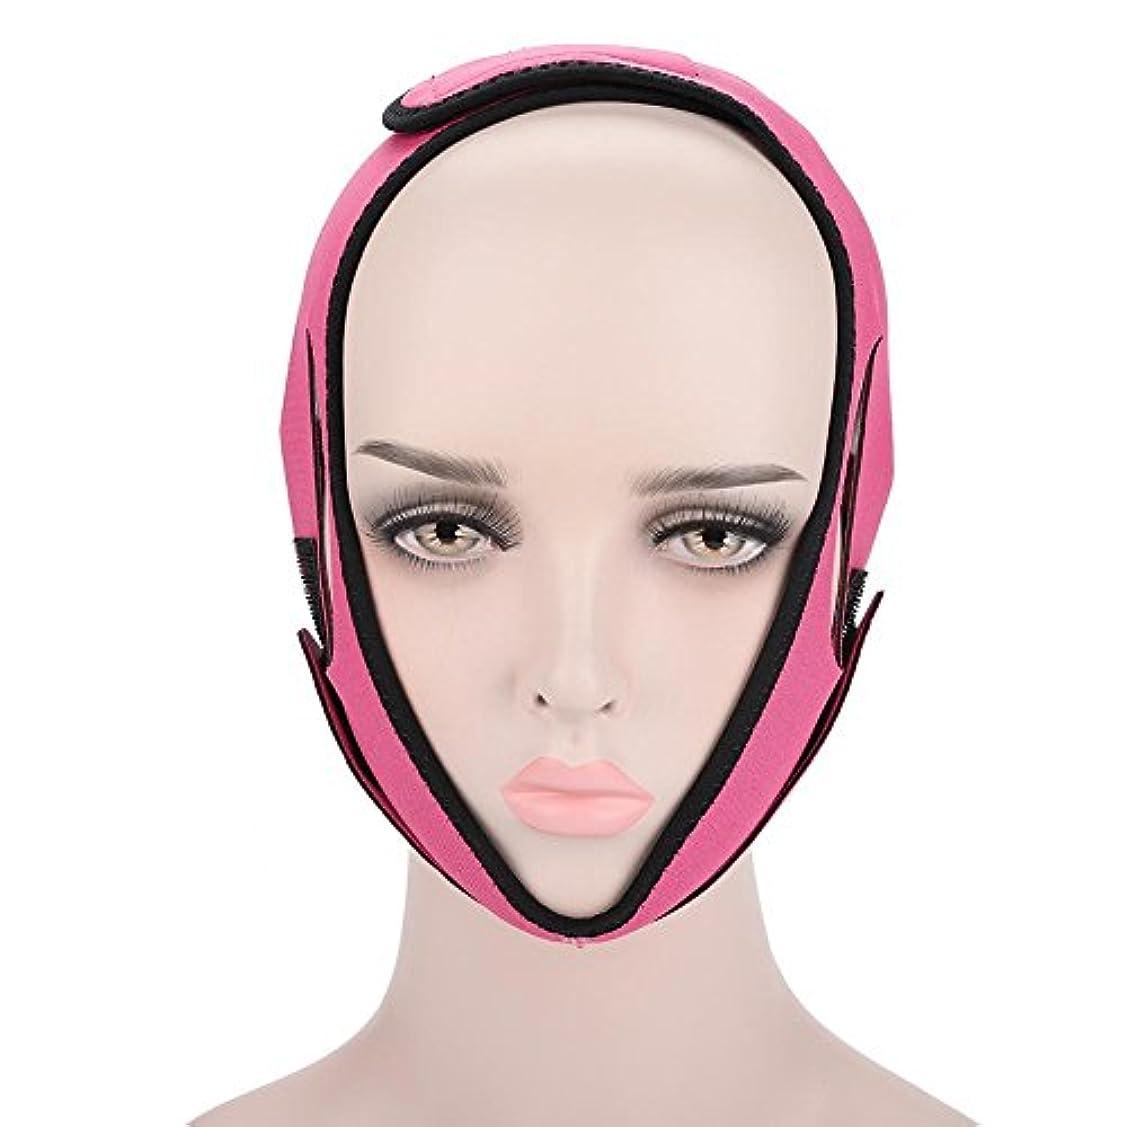 細分化するレジデンス賃金フェイススリミング包帯 顔の包帯フェイシャルスリミングマスクフェイシャルケアのためのフェイシャルベルト薄い首のフェイスリフトダブルチン女性のための(3#)